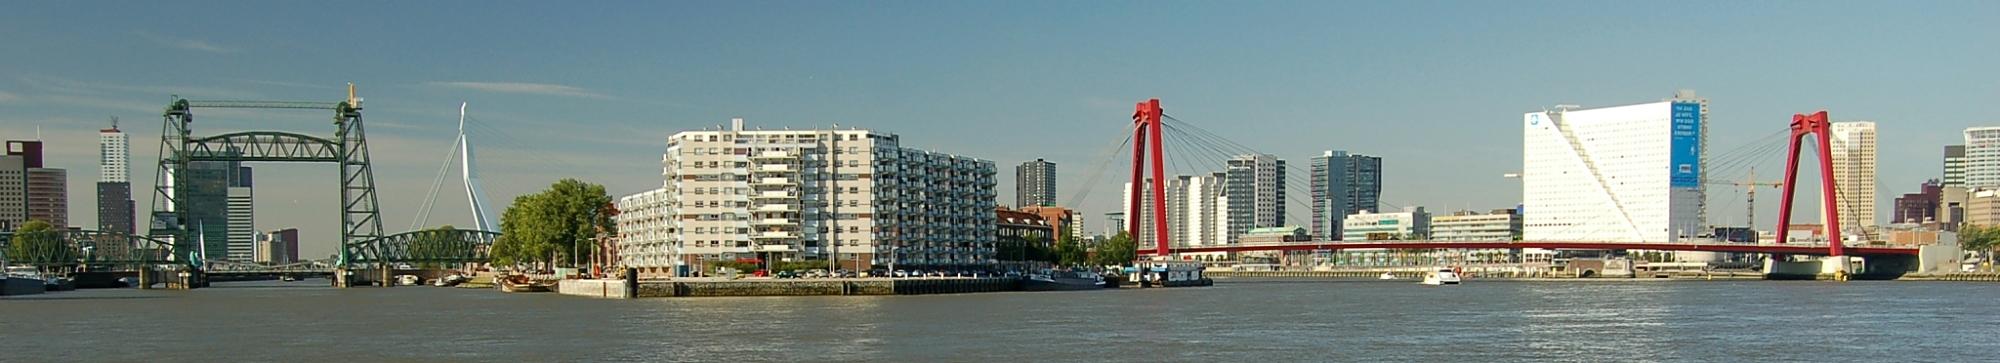 Rotterdam Panorama Opt